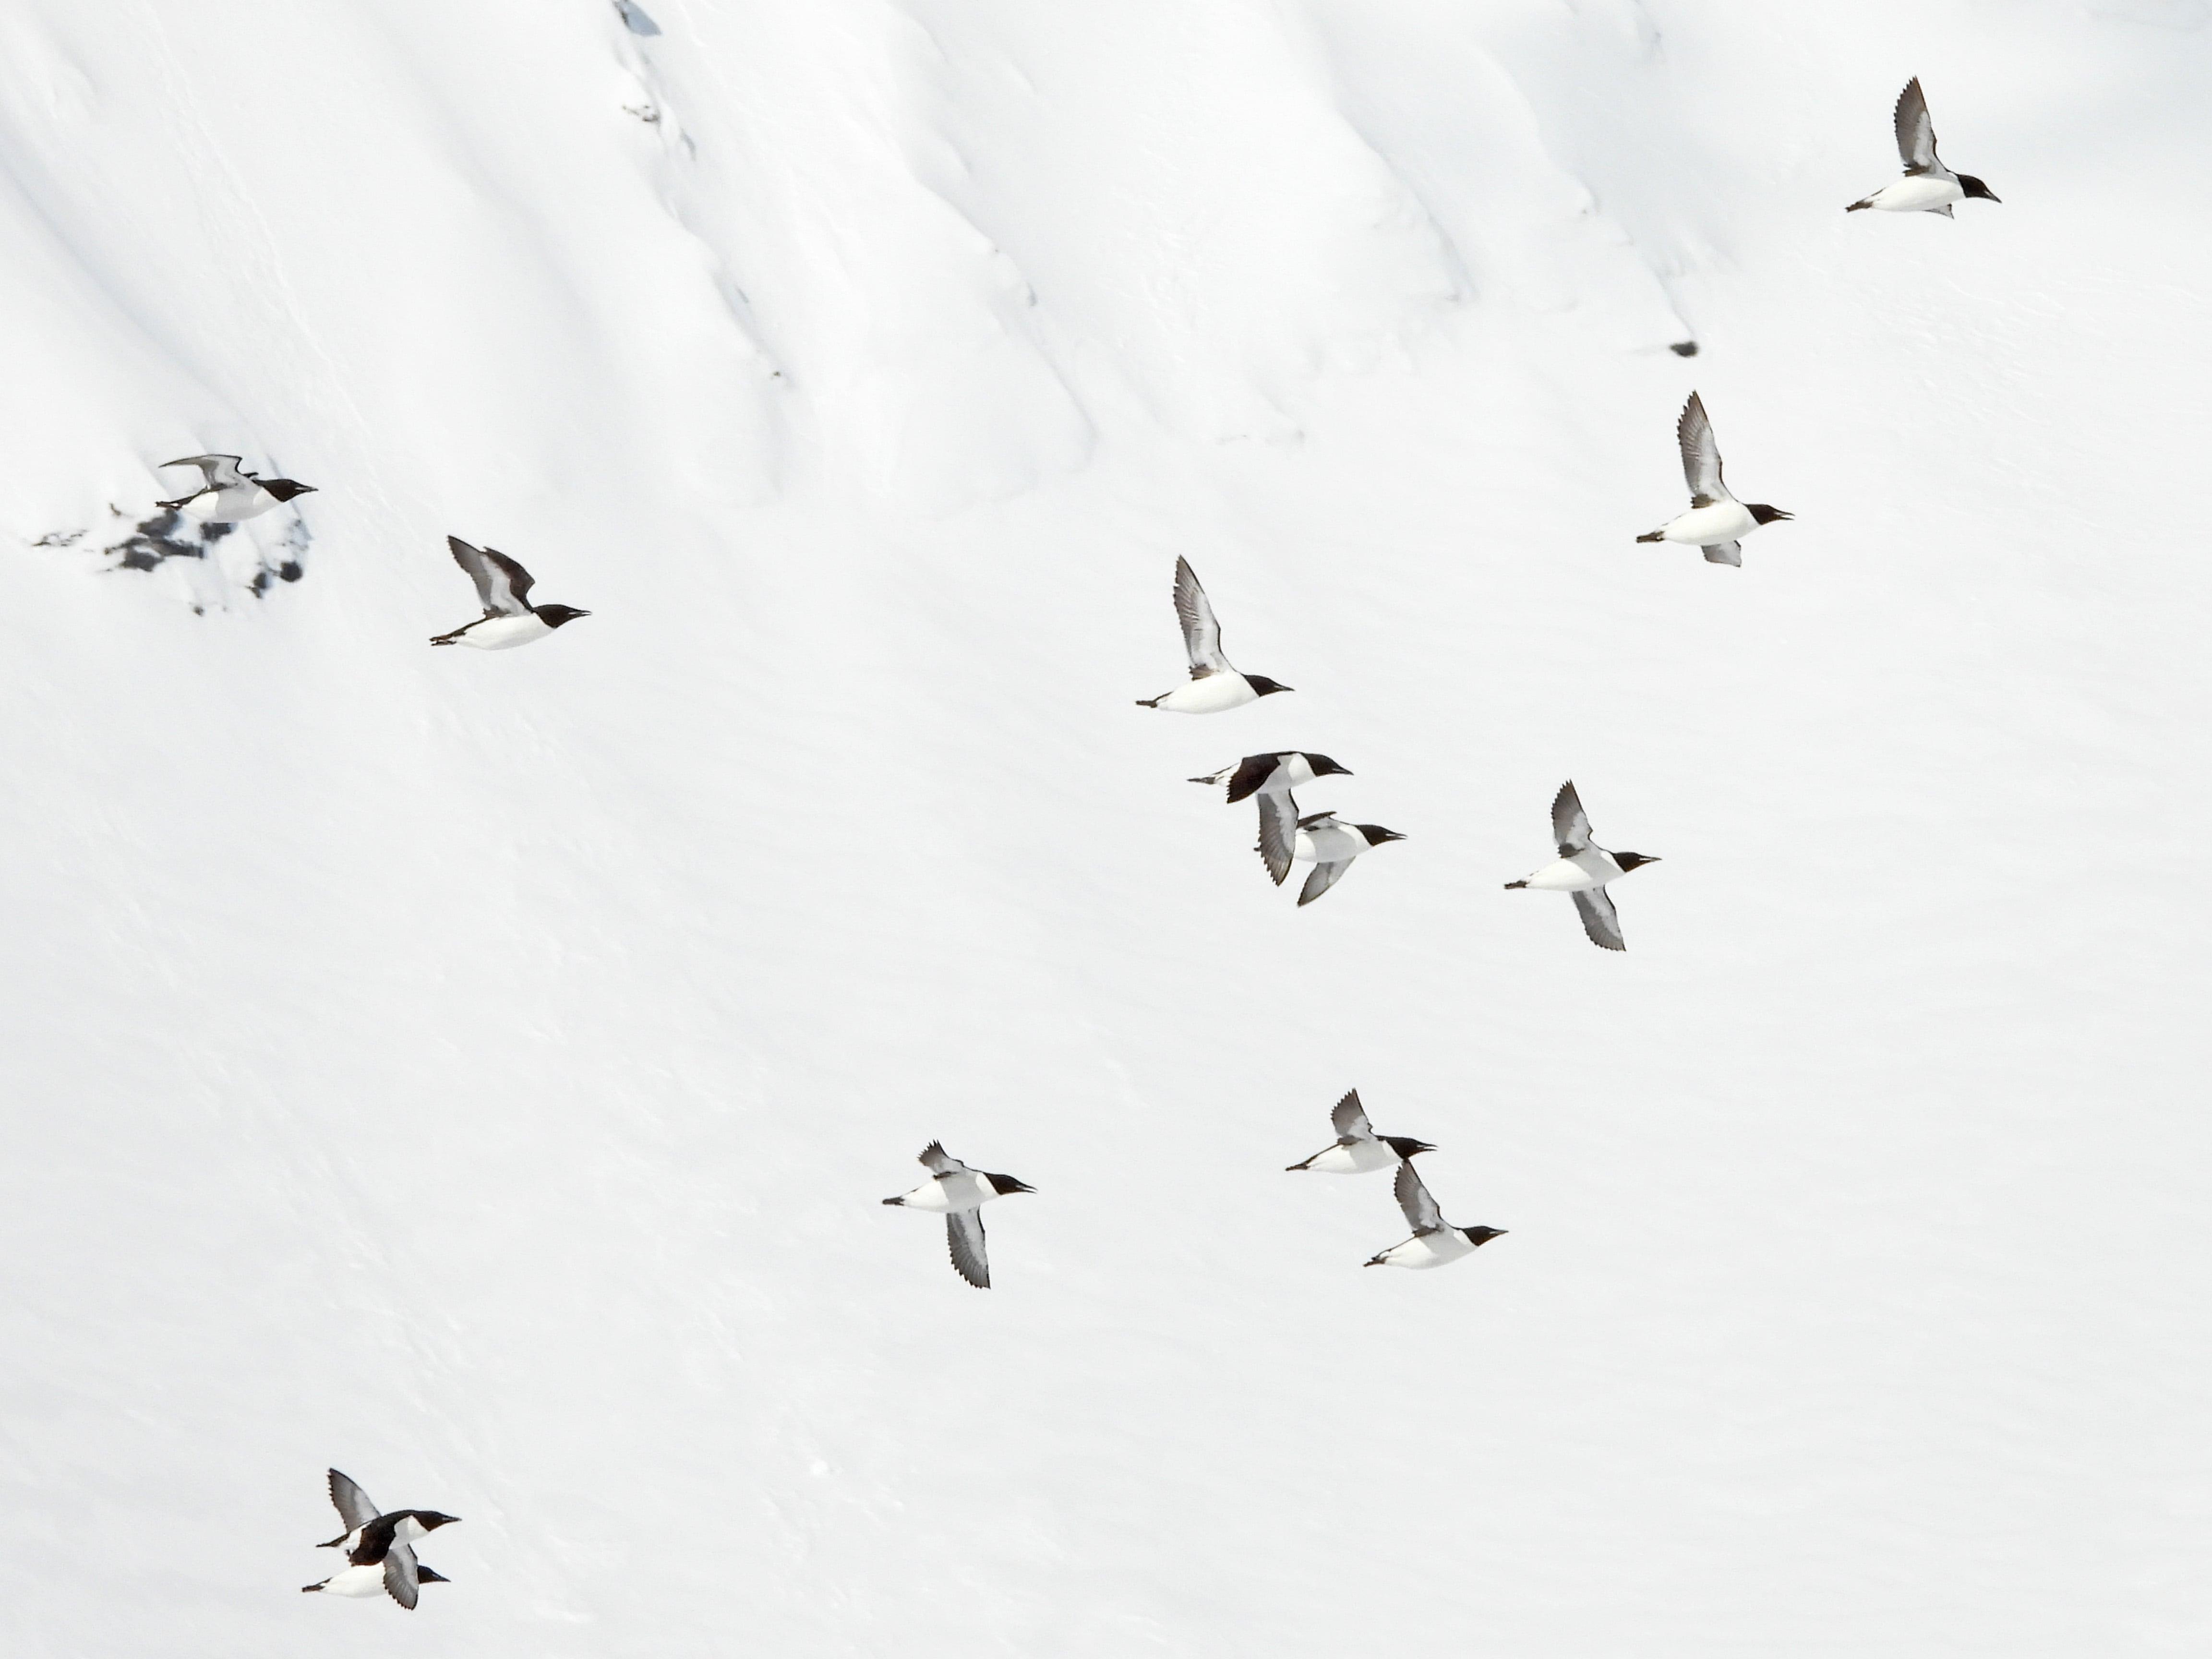 Krabbentaucher vor Schnee